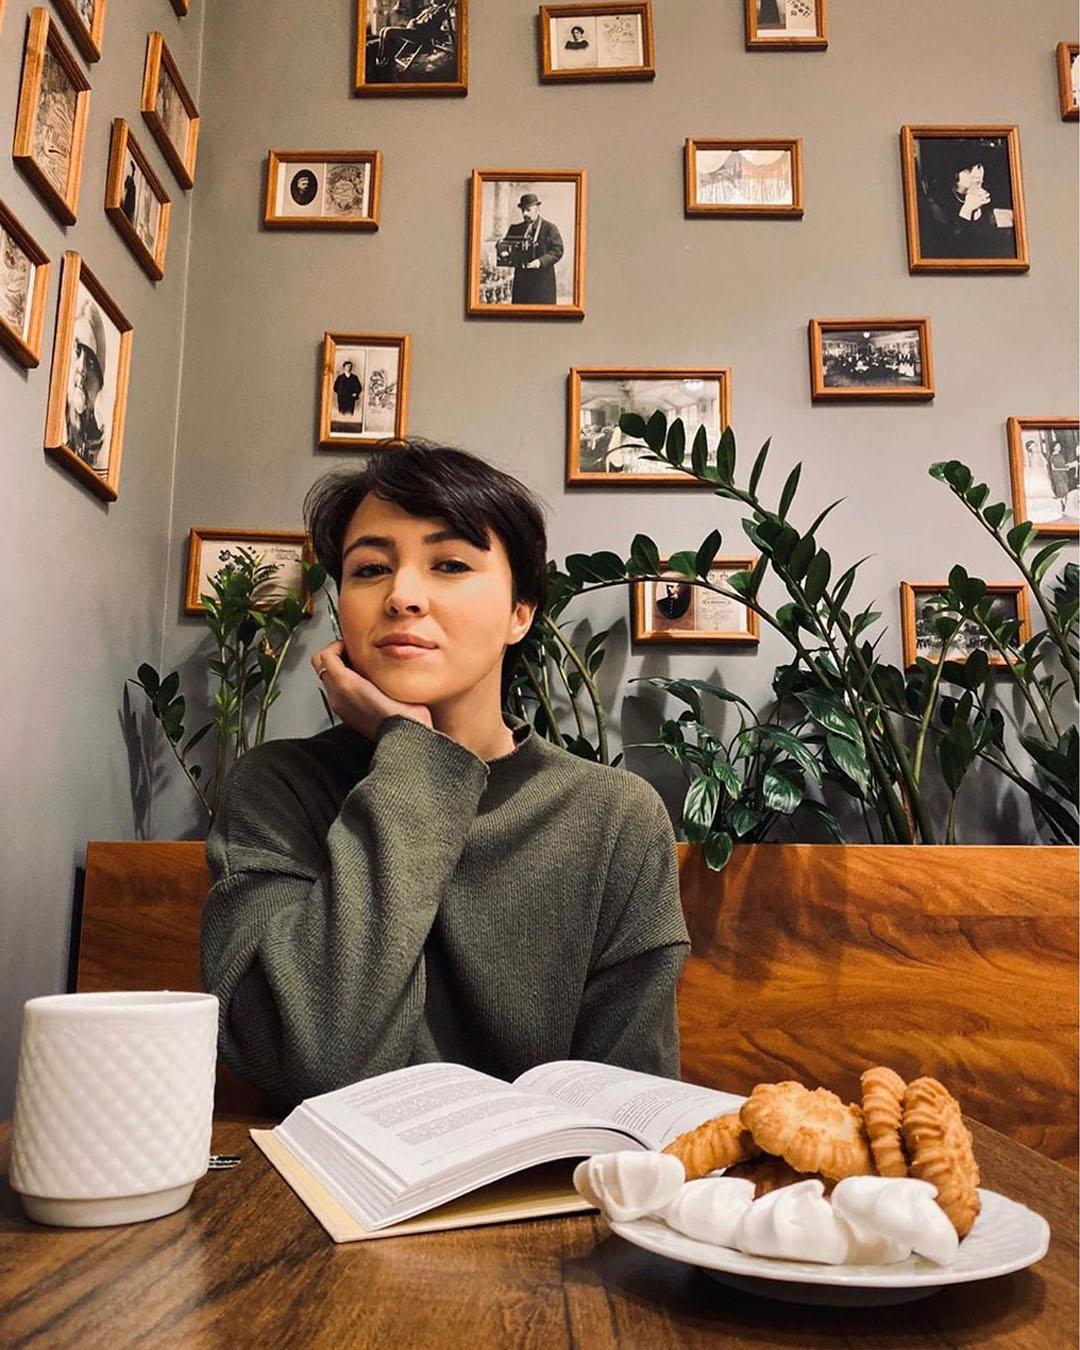 Диана Сабурова. Биография. Сколько лет, муж, дети, фото, инста